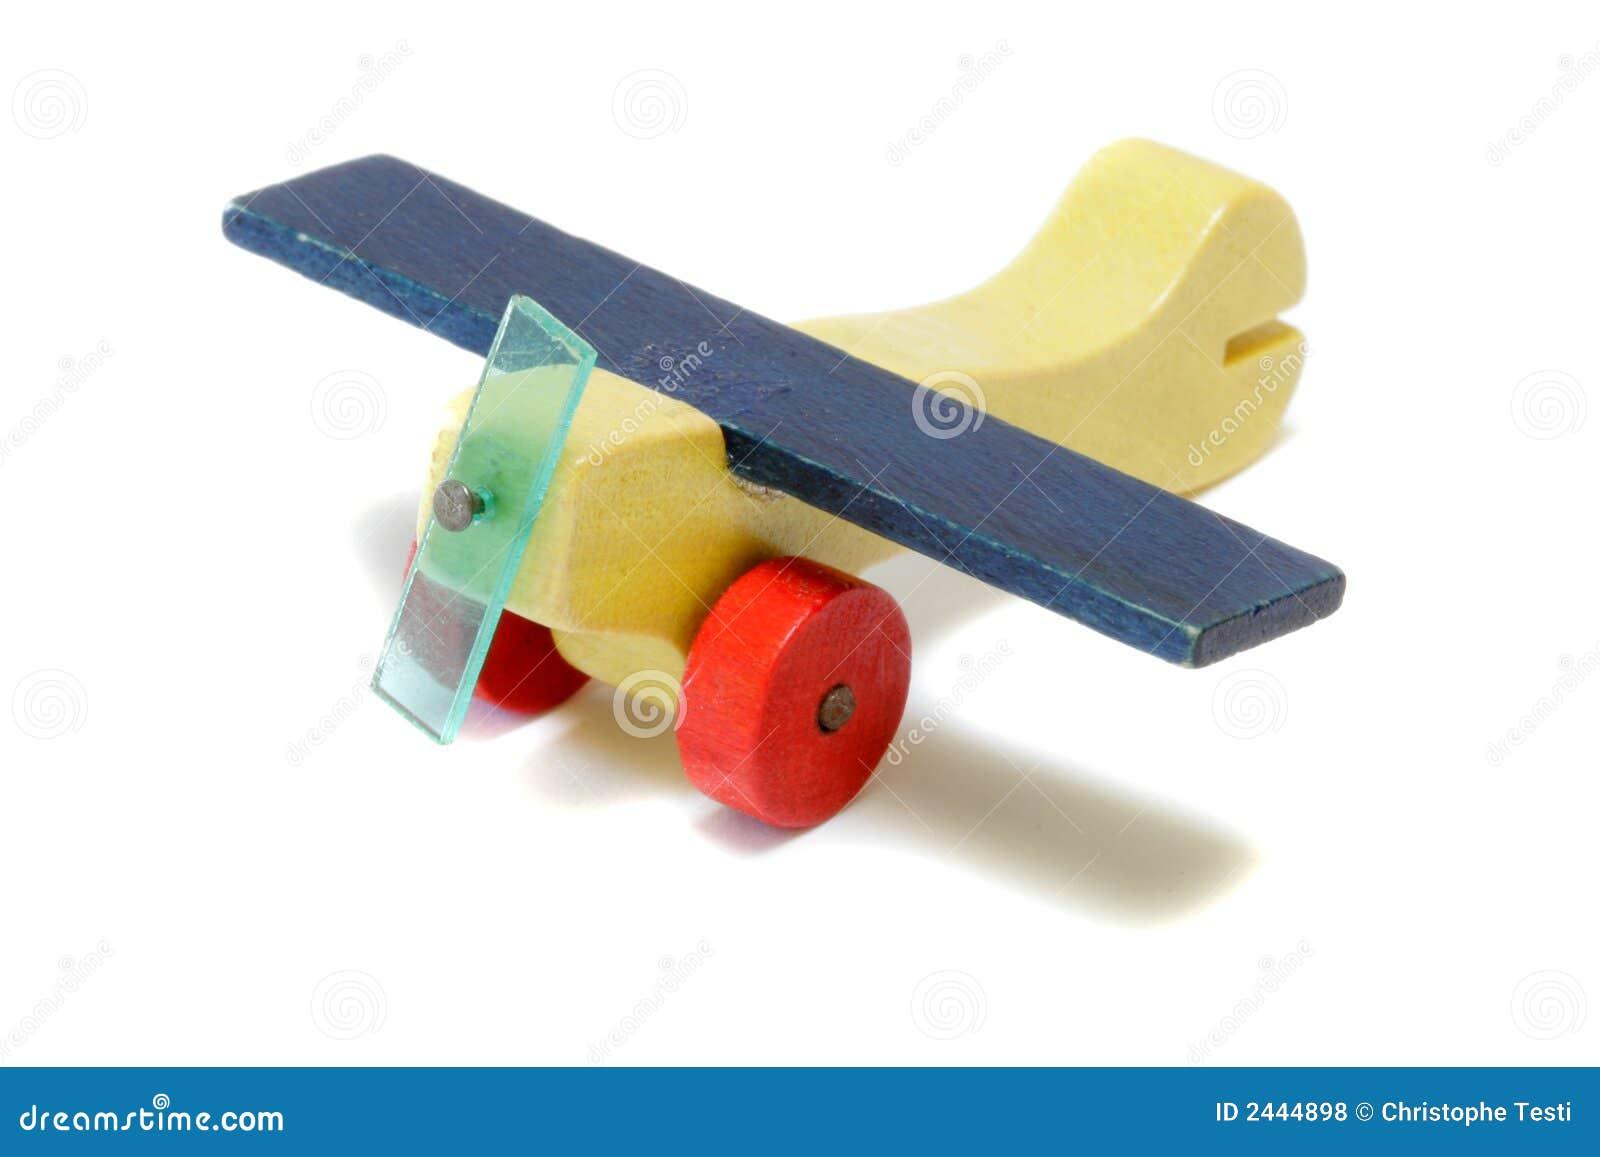 Aeroplano de madera miniatura